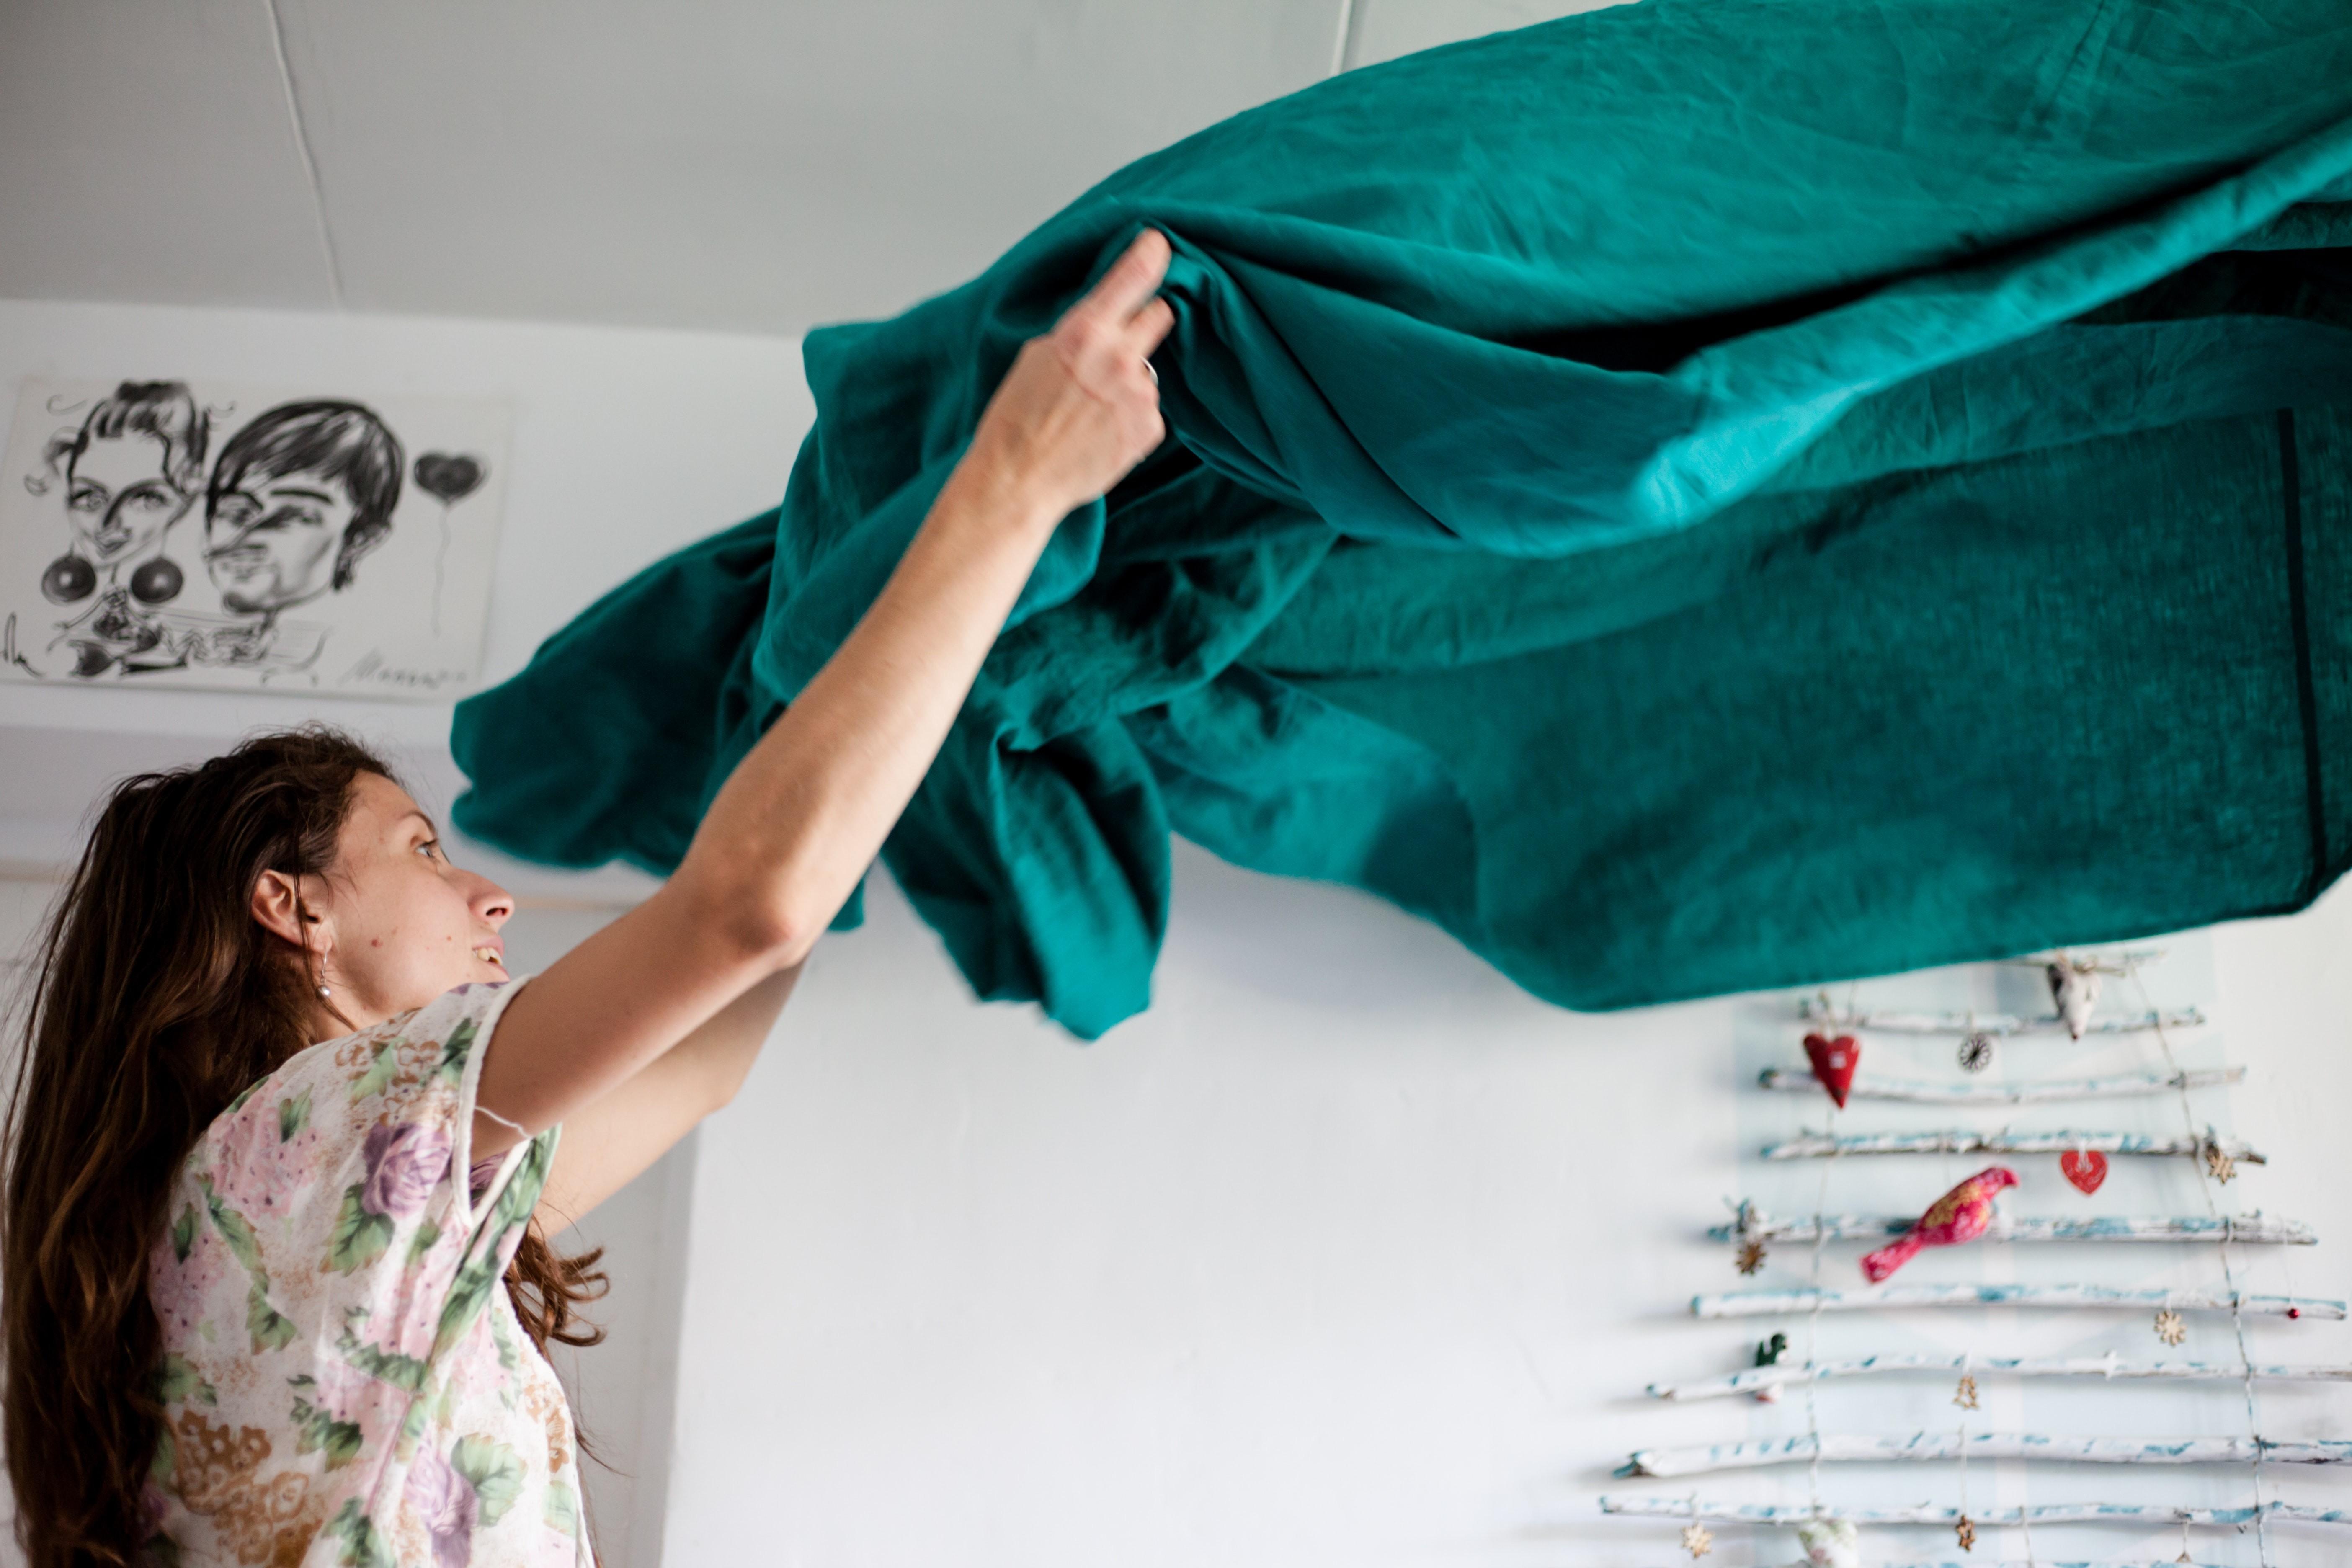 redno prezračevanje postelje pomaga pri zmanjševanju pršic